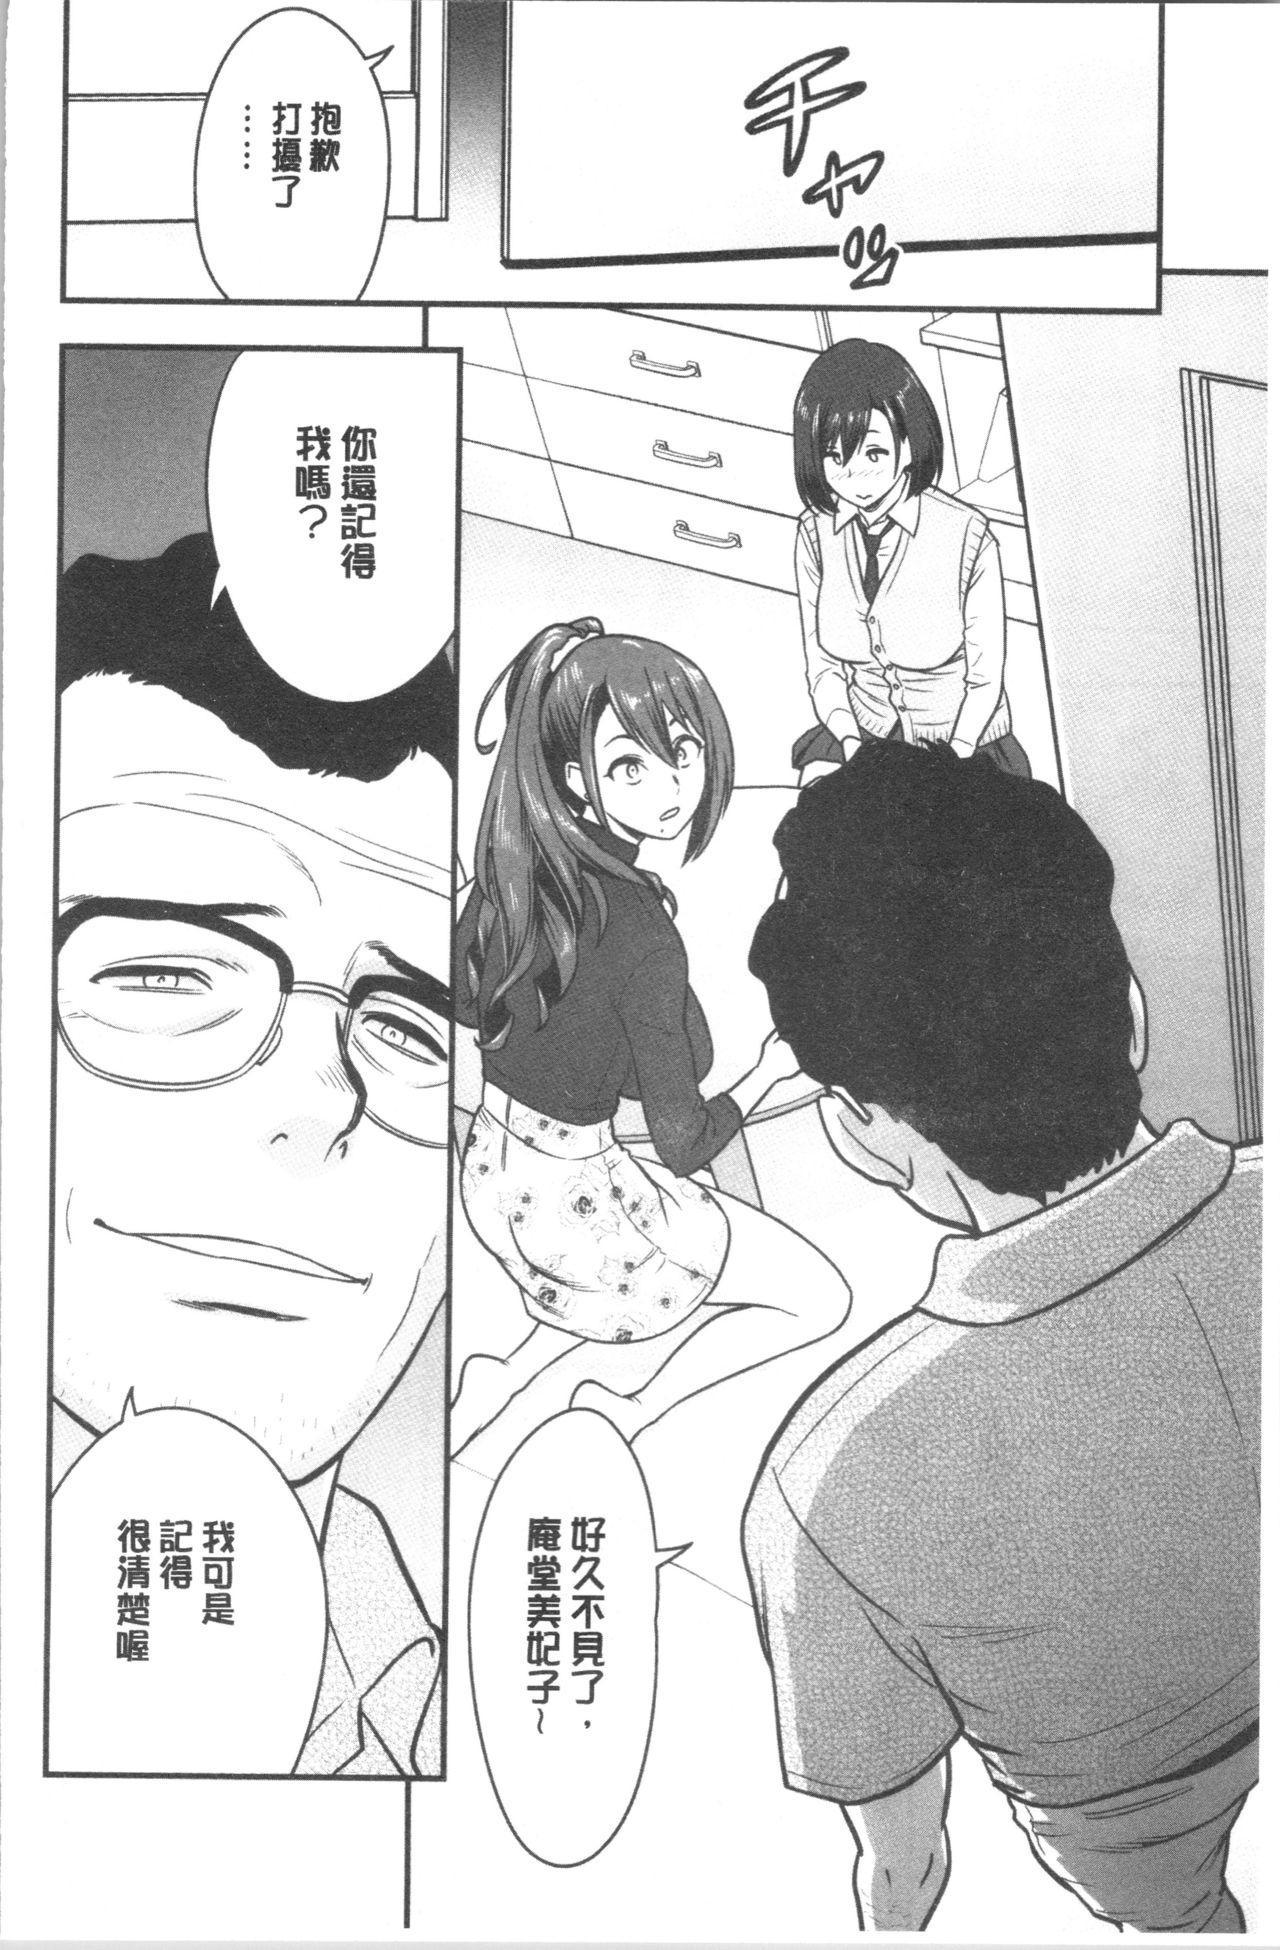 [Tatsunami Youtoku] Dankon Sousai -Hitozuma Kyoushi ga Netorareru made no Kiroku- | 男根想妻 -人妻女教師被寢取偷吃為止的記錄- [Chinese] 64